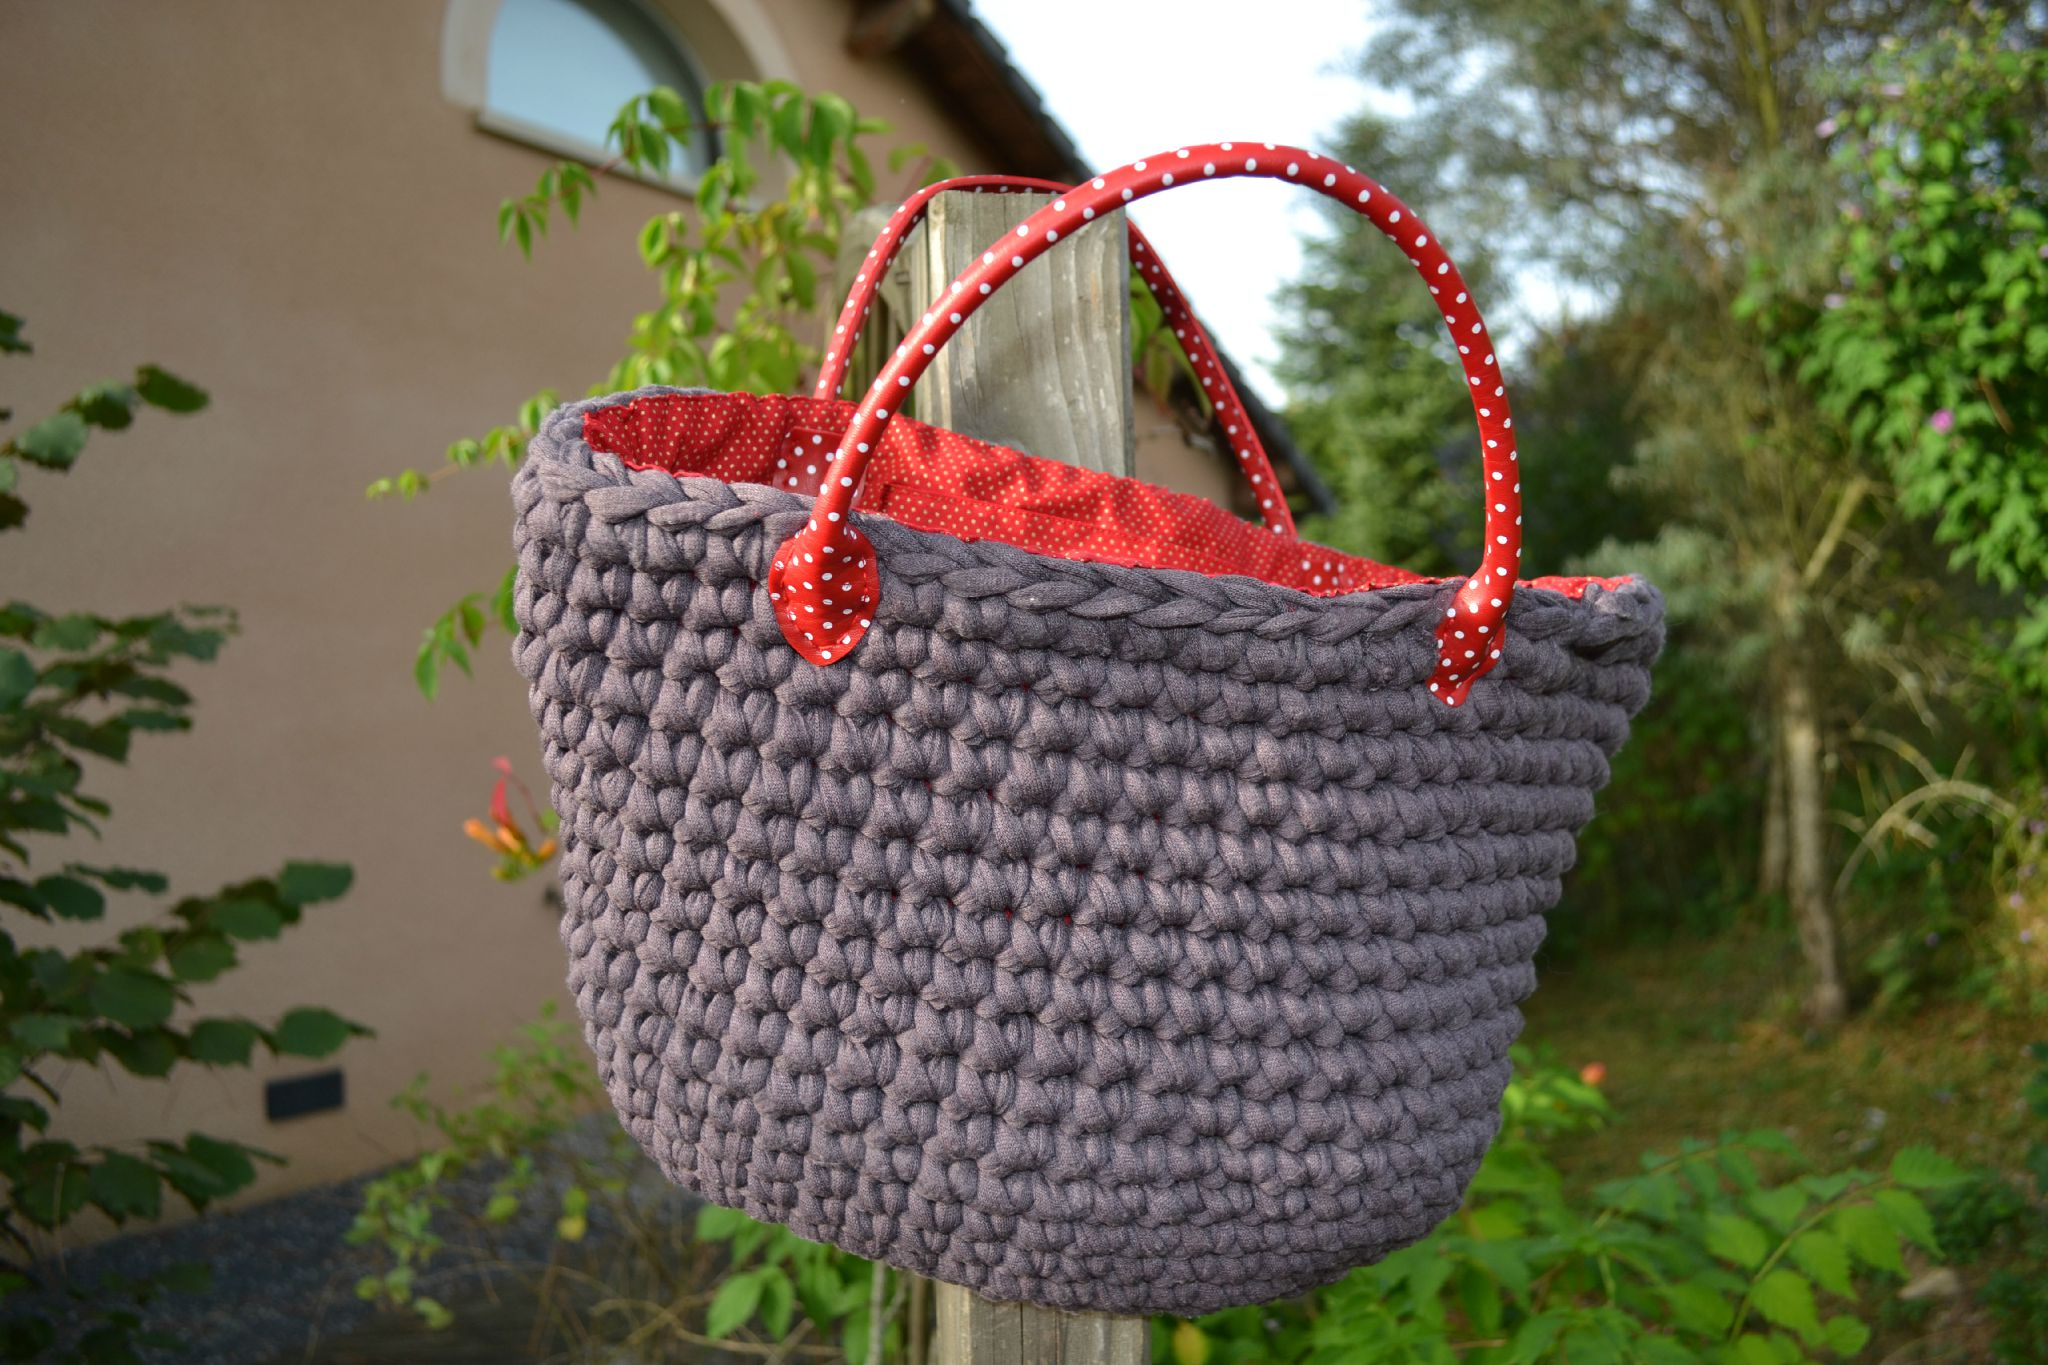 apprendre a tricoter sur comment tricoter fr